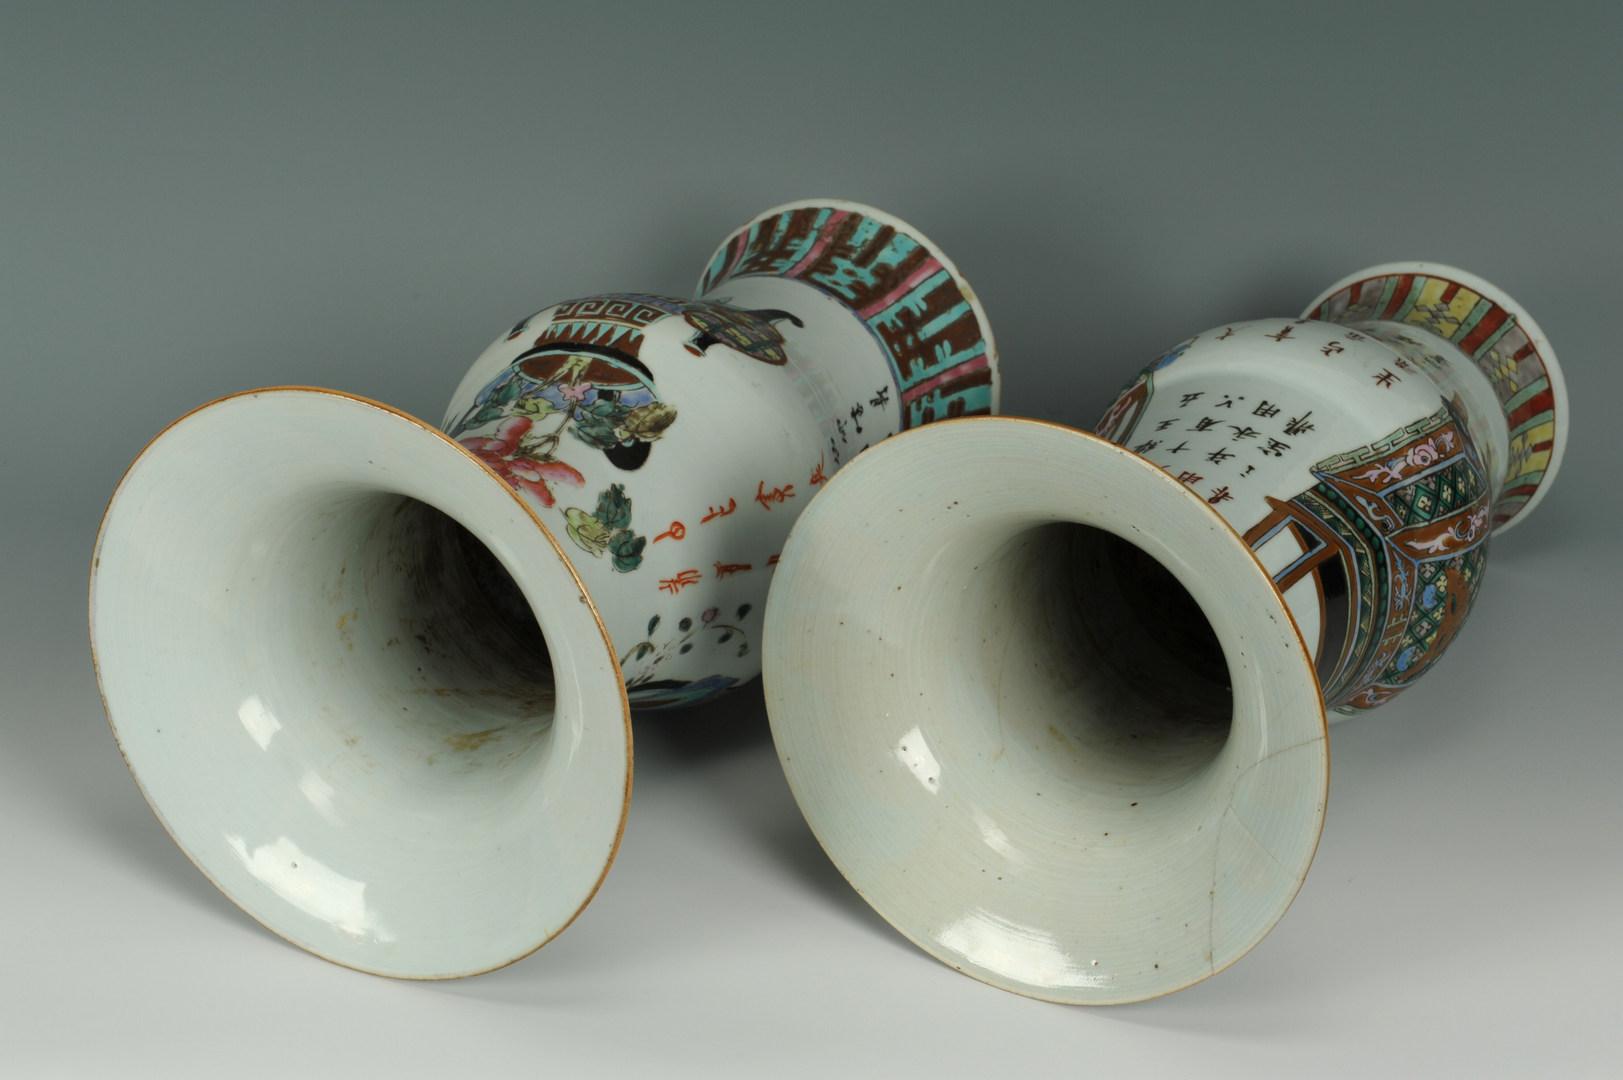 Lot 475: 4-piece Chinese porcelain garniture set